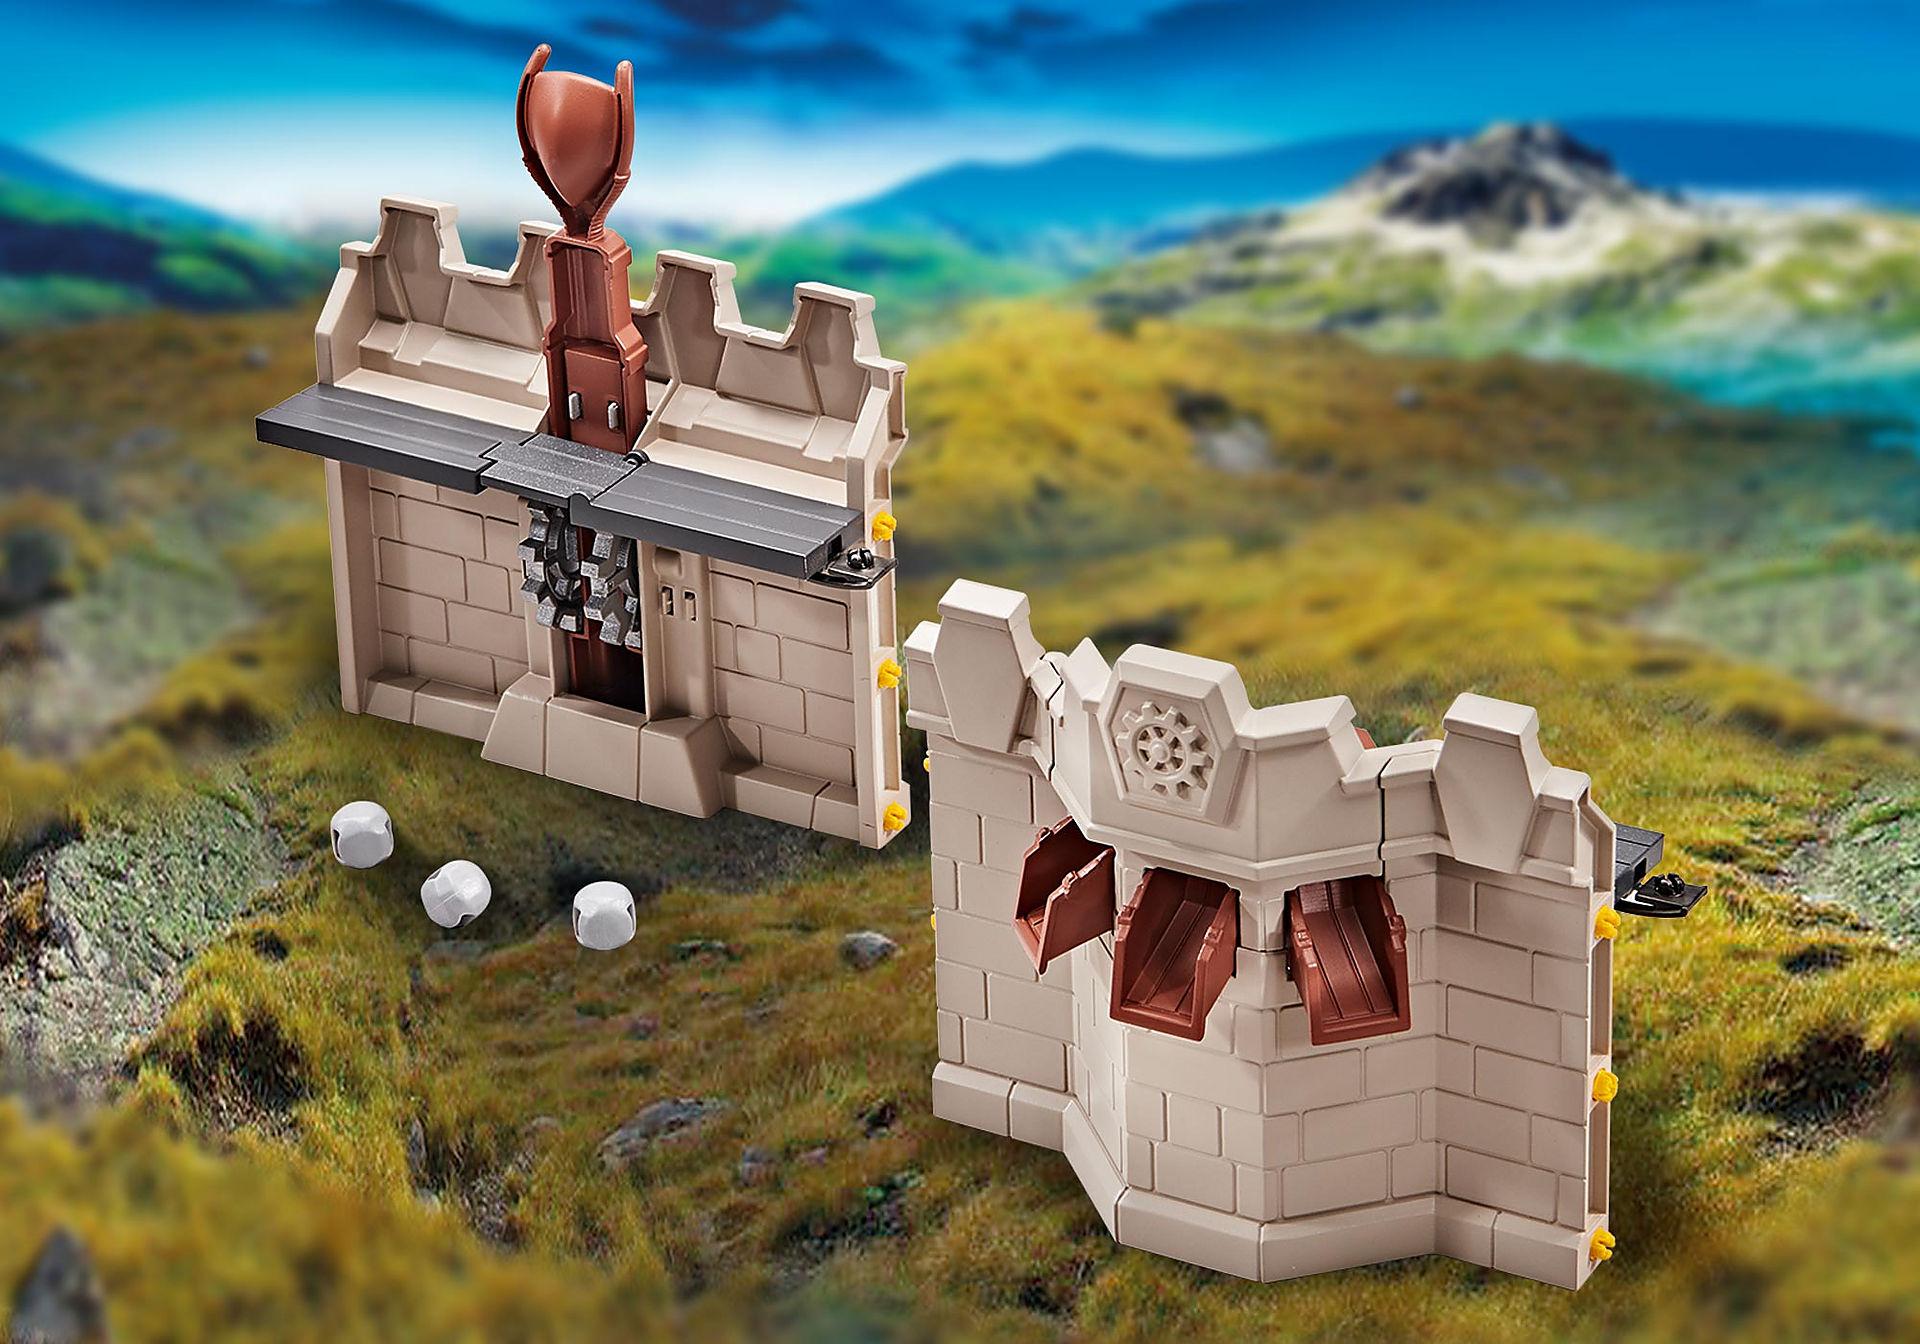 9839 Rozbudowa muru z katapultą Dużego zamku Novelmore zoom image1